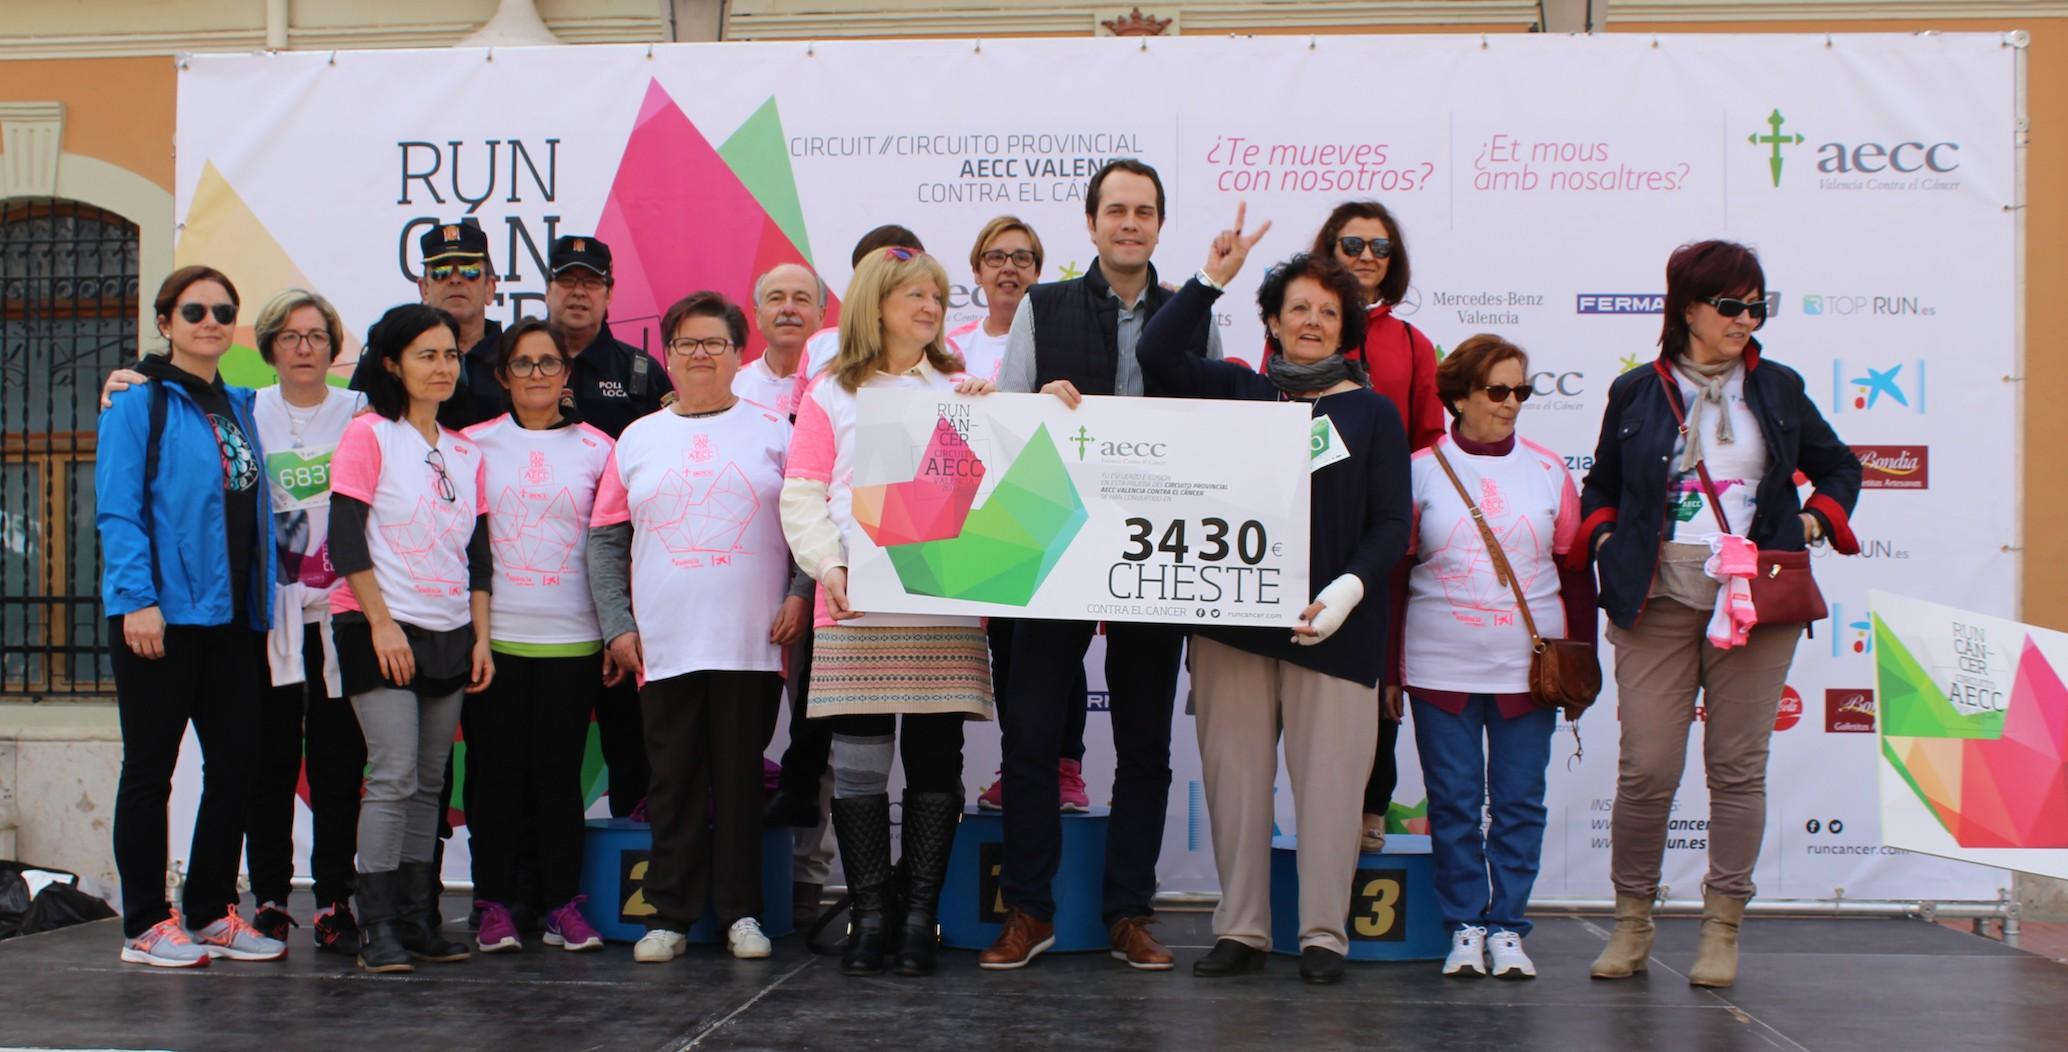 Las autoridades locales, encabezadas por el alcalde, junto a la organización y participantes en Cheste.